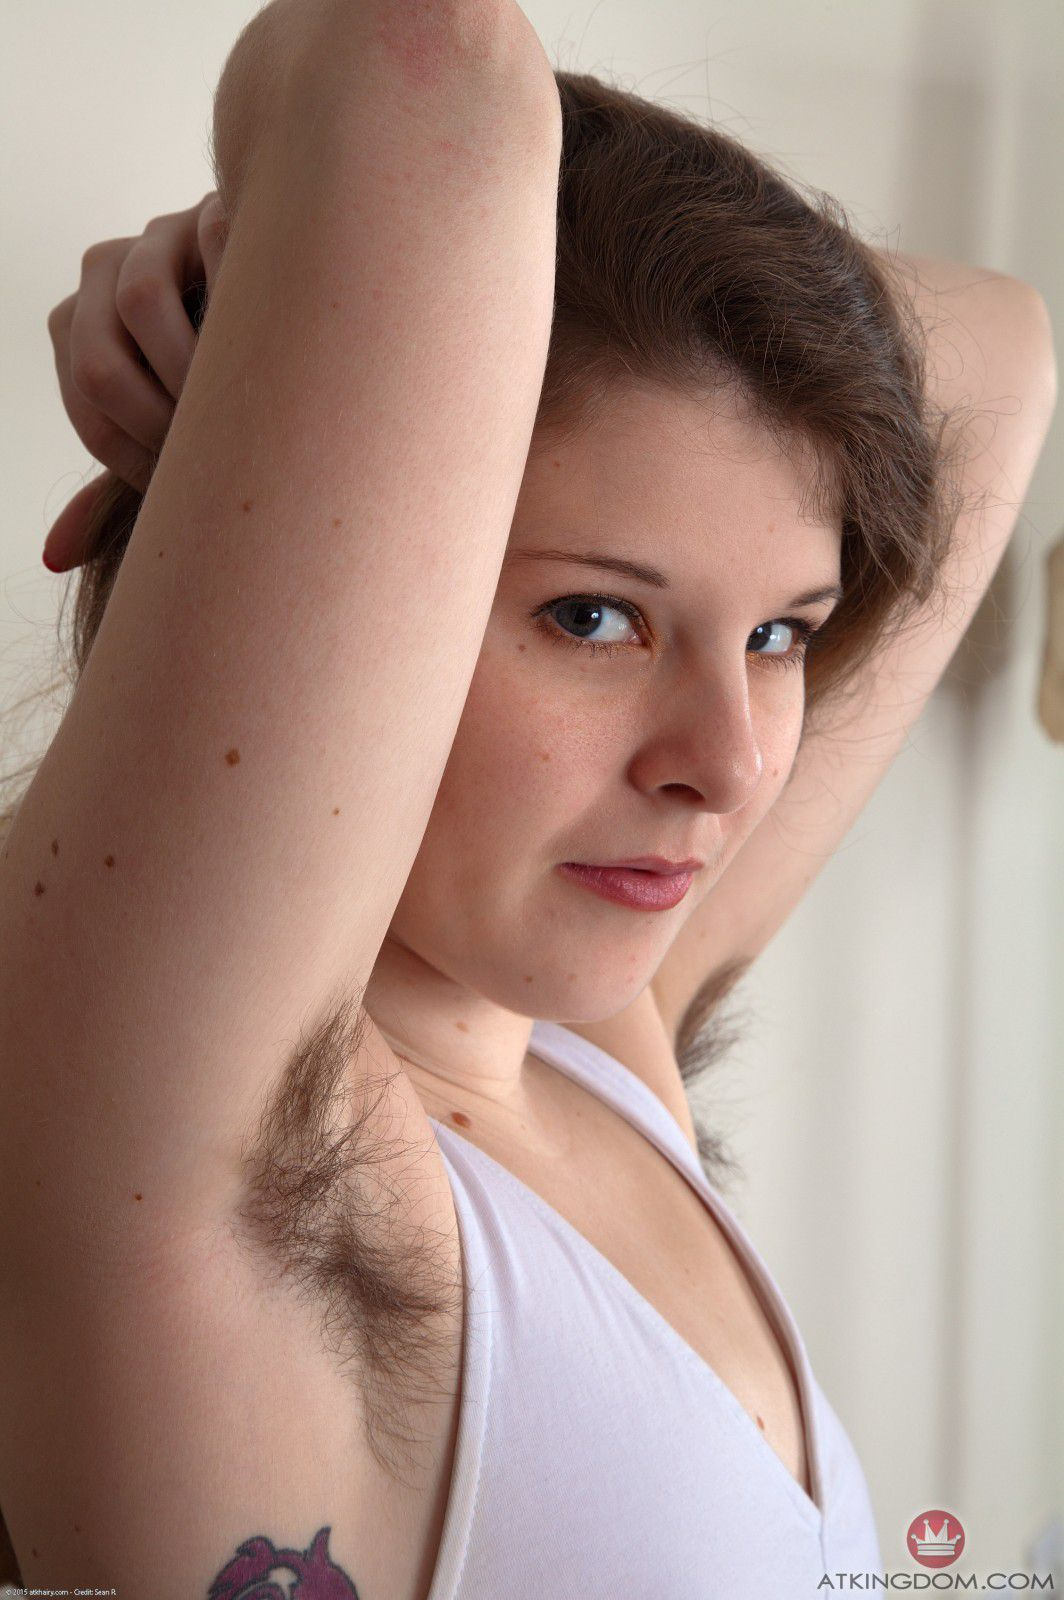 Женщины Мохнатые Голые Фото